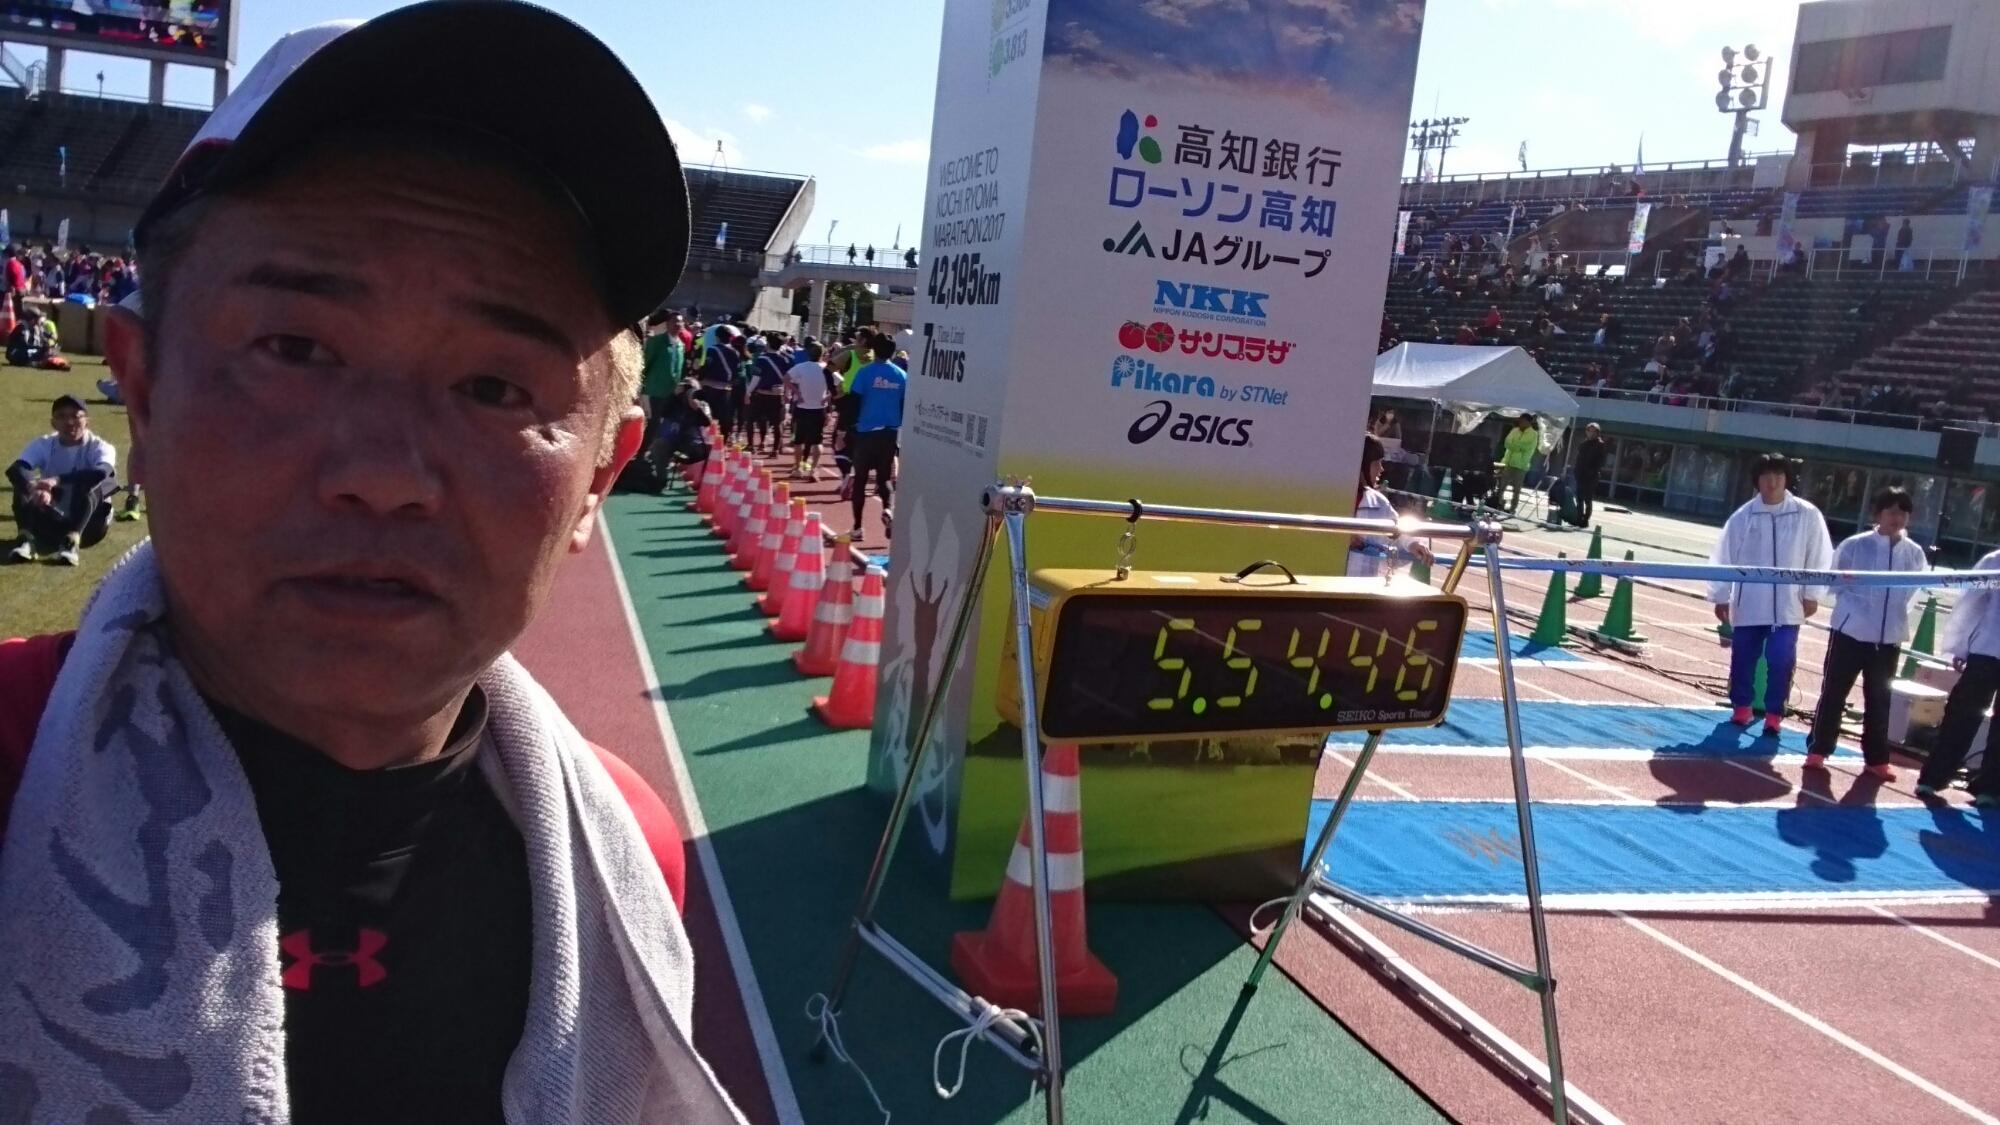 龍馬マラソン完走成功